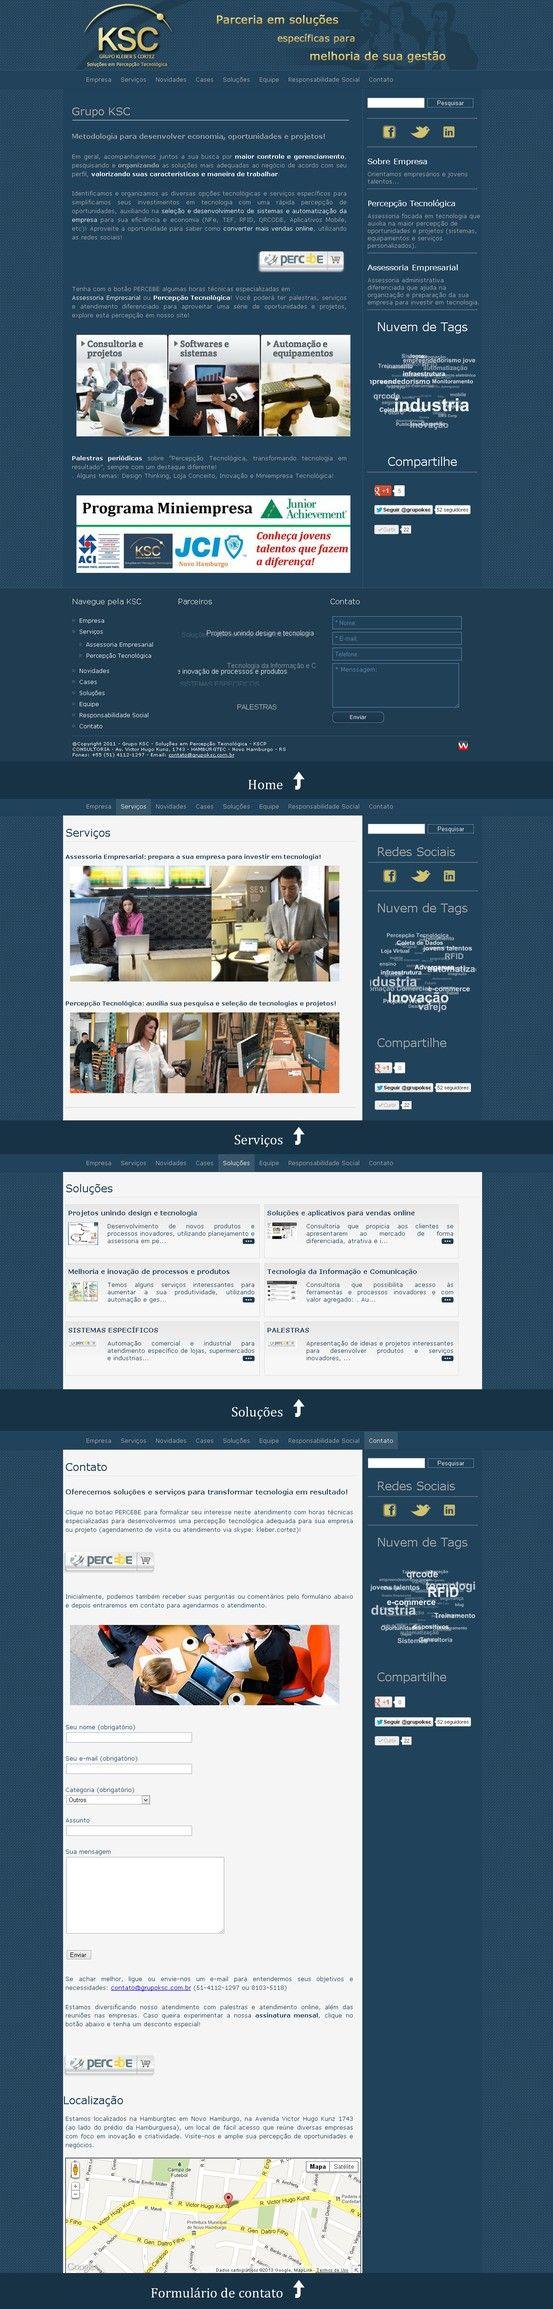 grupoksc.com.br - objetivo: auxiliar as empresas a investirem em tecnologia!